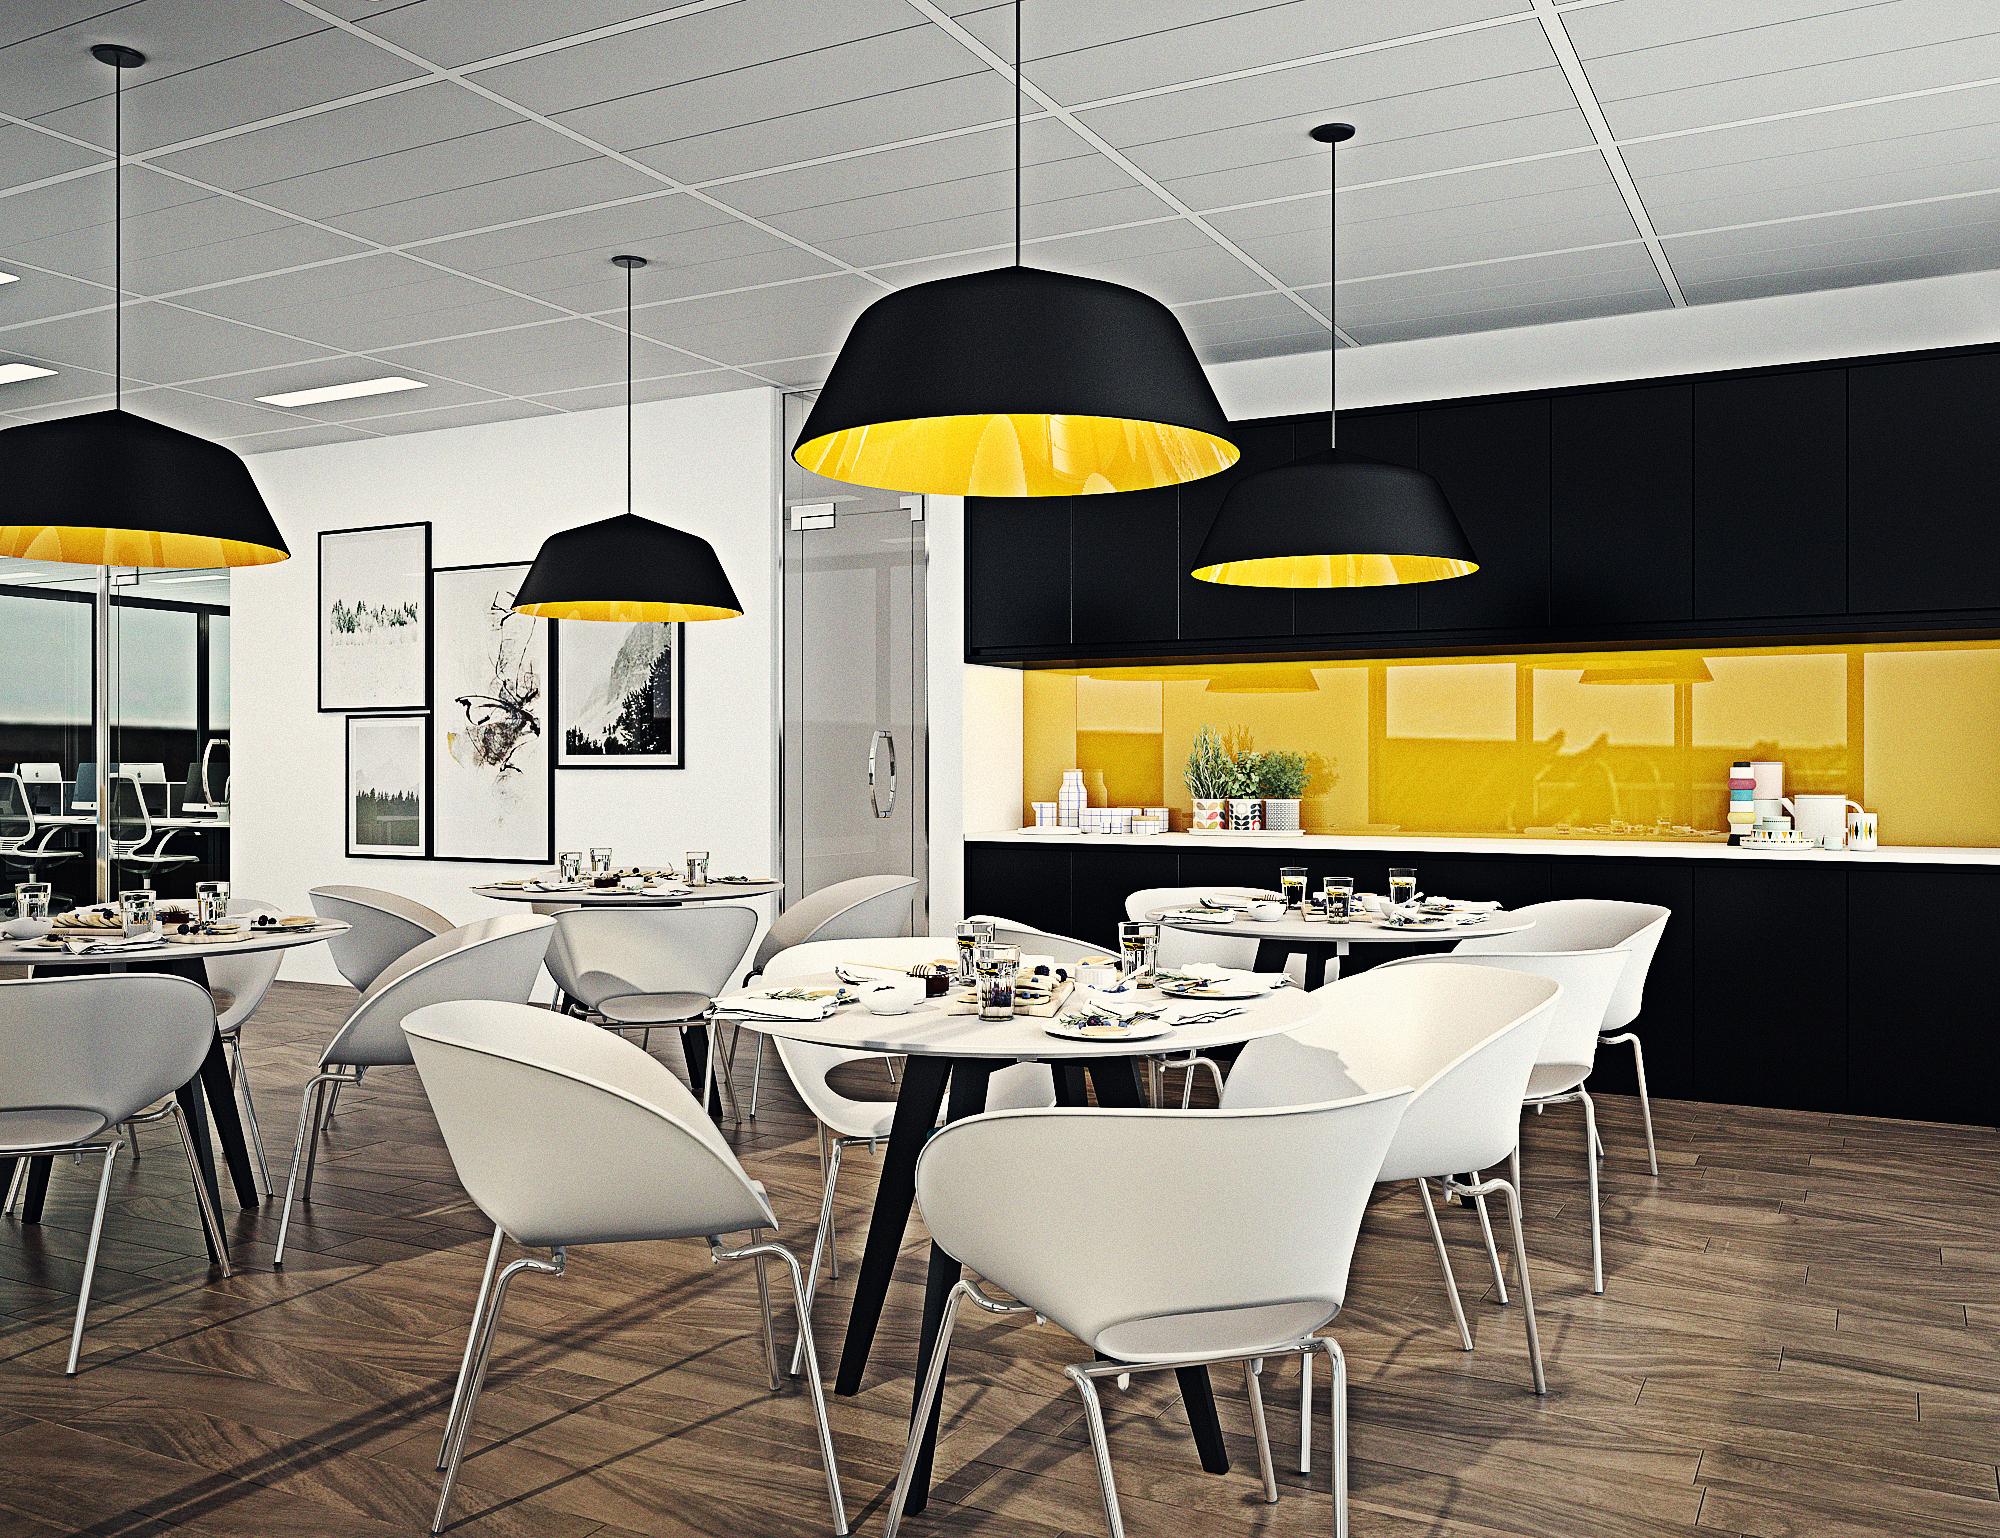 507-Birkdale Offices v4